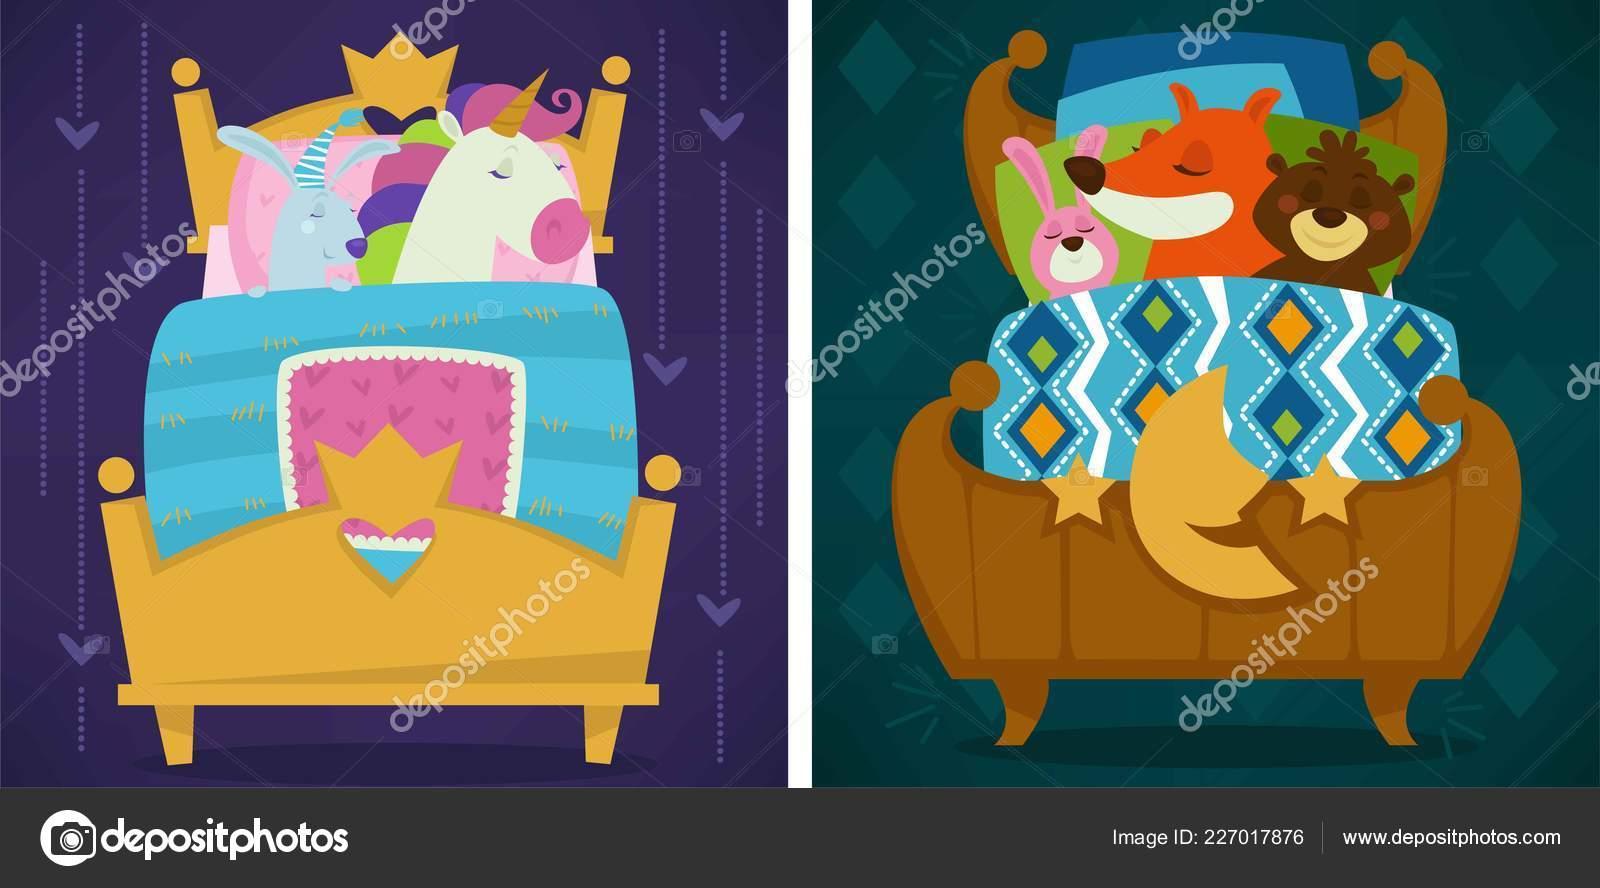 Tiere Schlafen Bett Cartoon Illustration Stockvektor C Sonulkaster